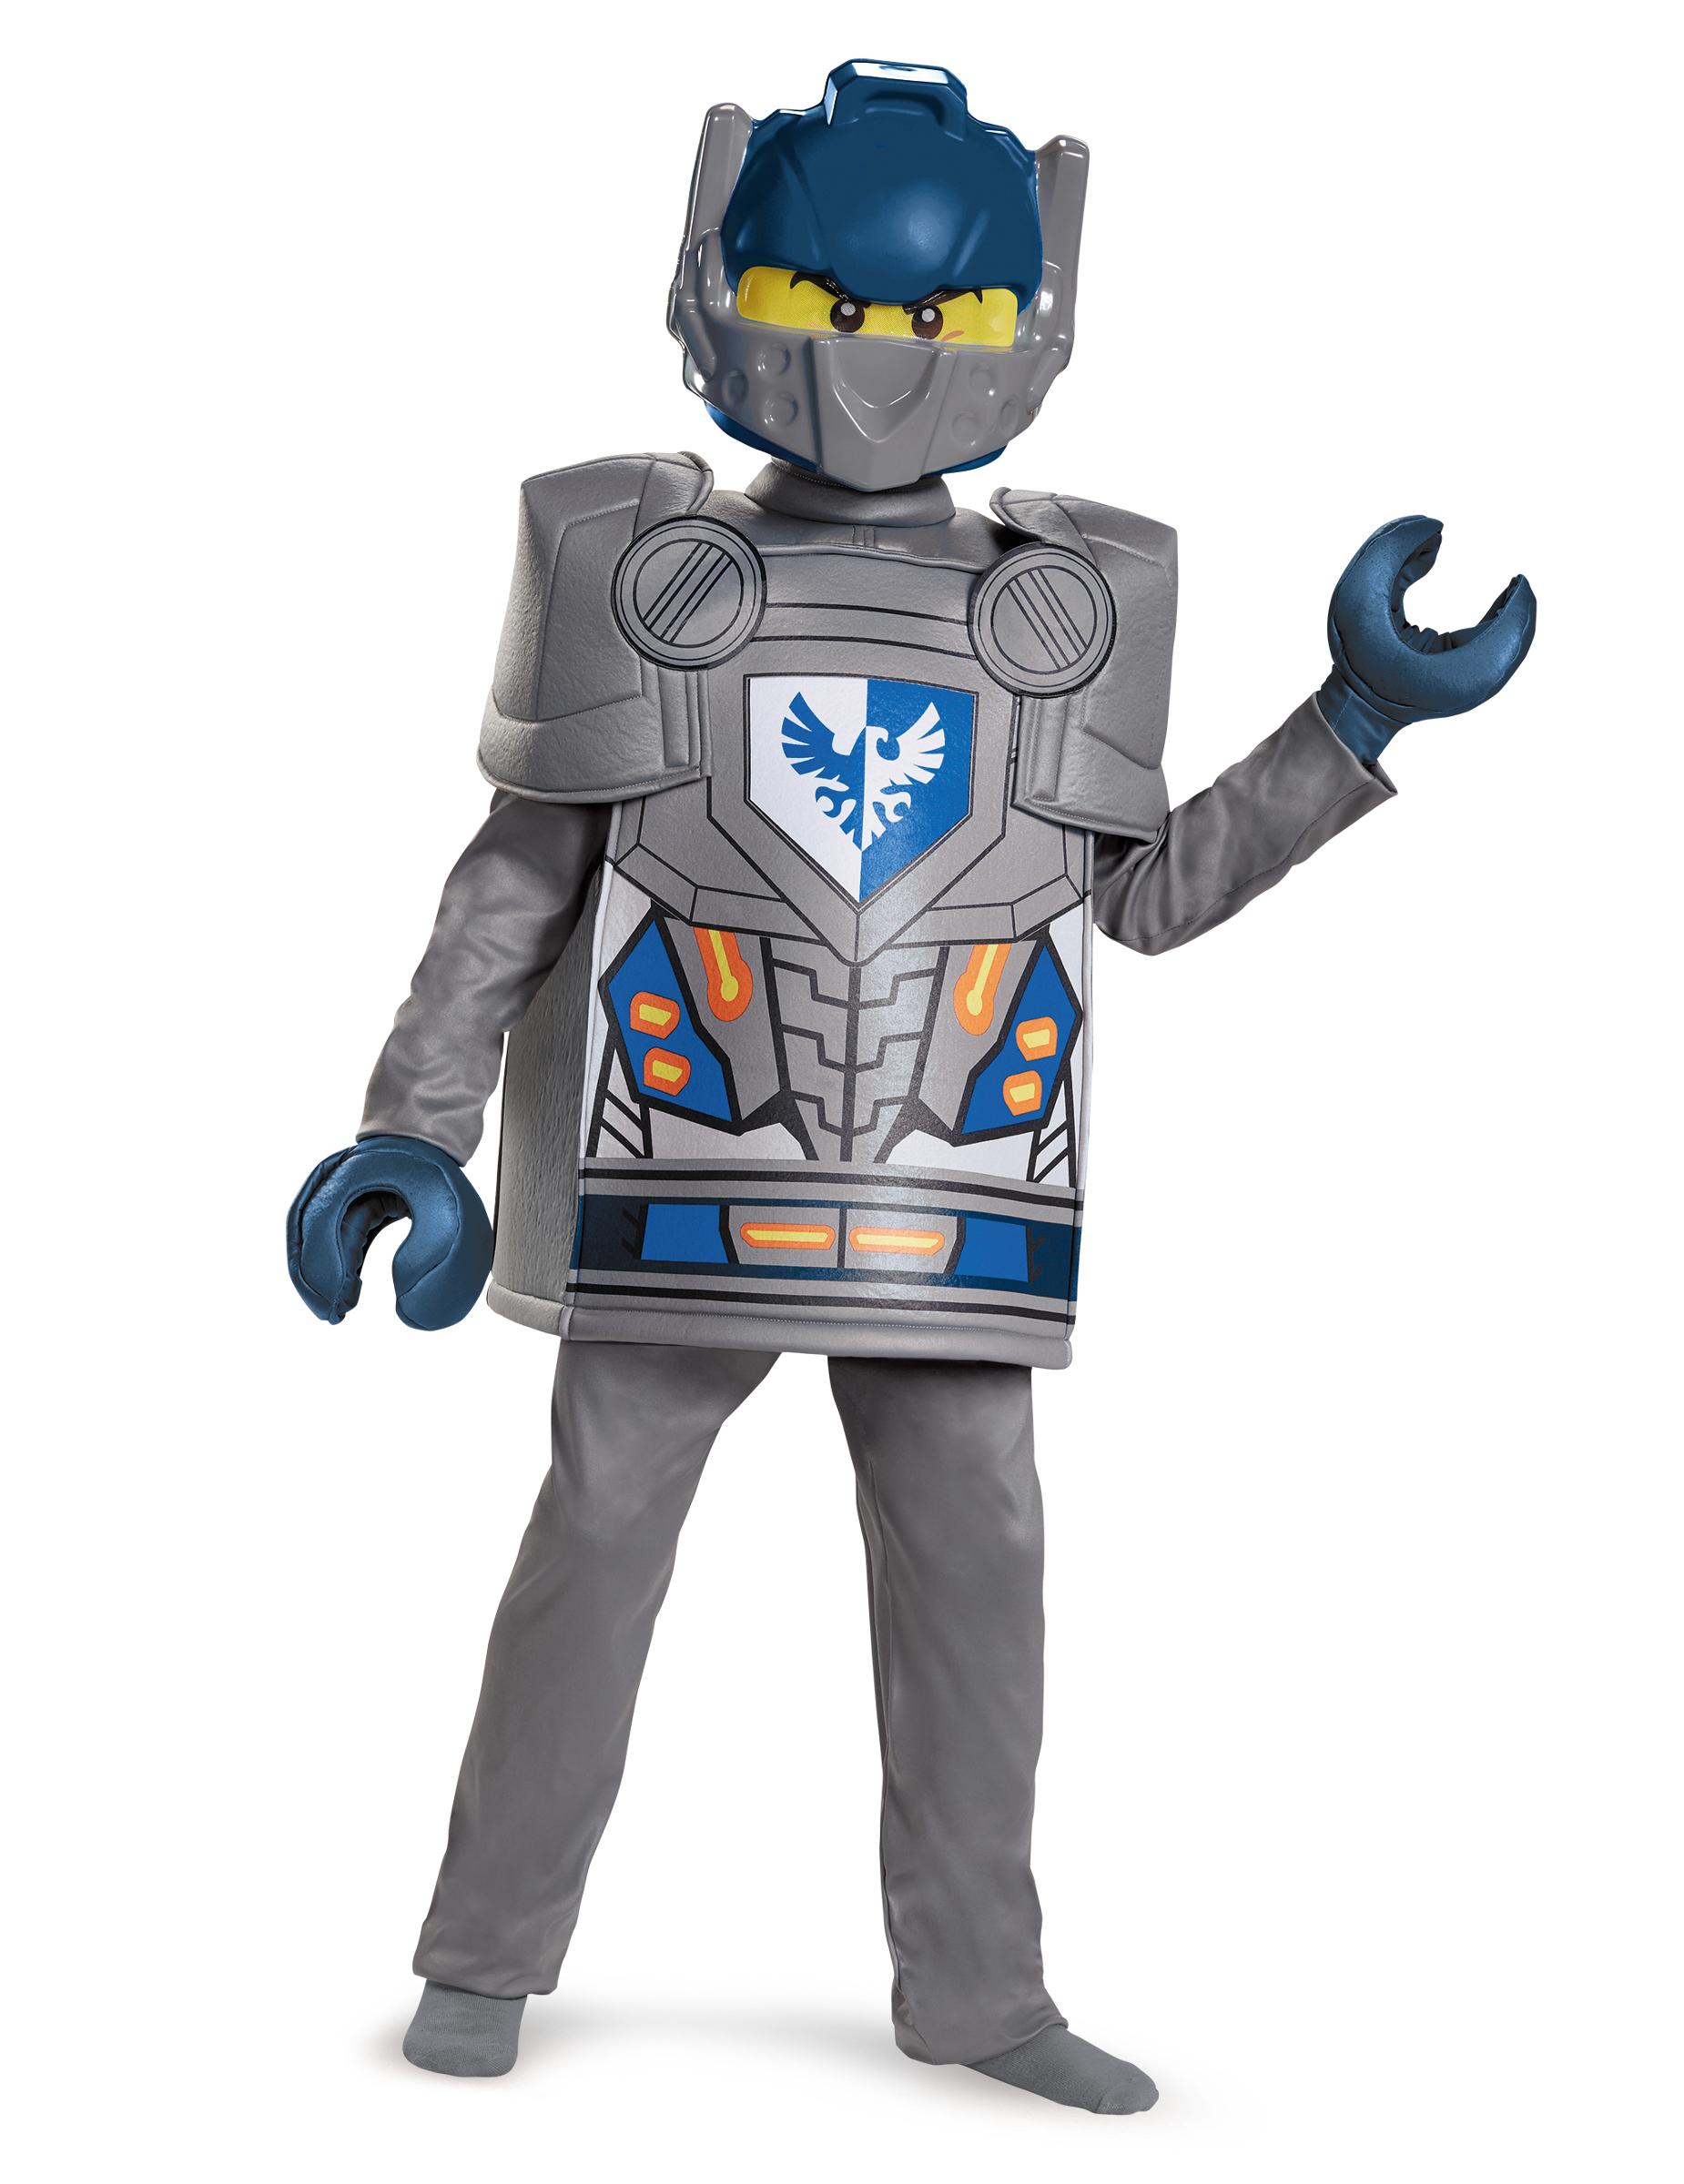 Clay Nexo Knights Kinderkostüm Von Lego